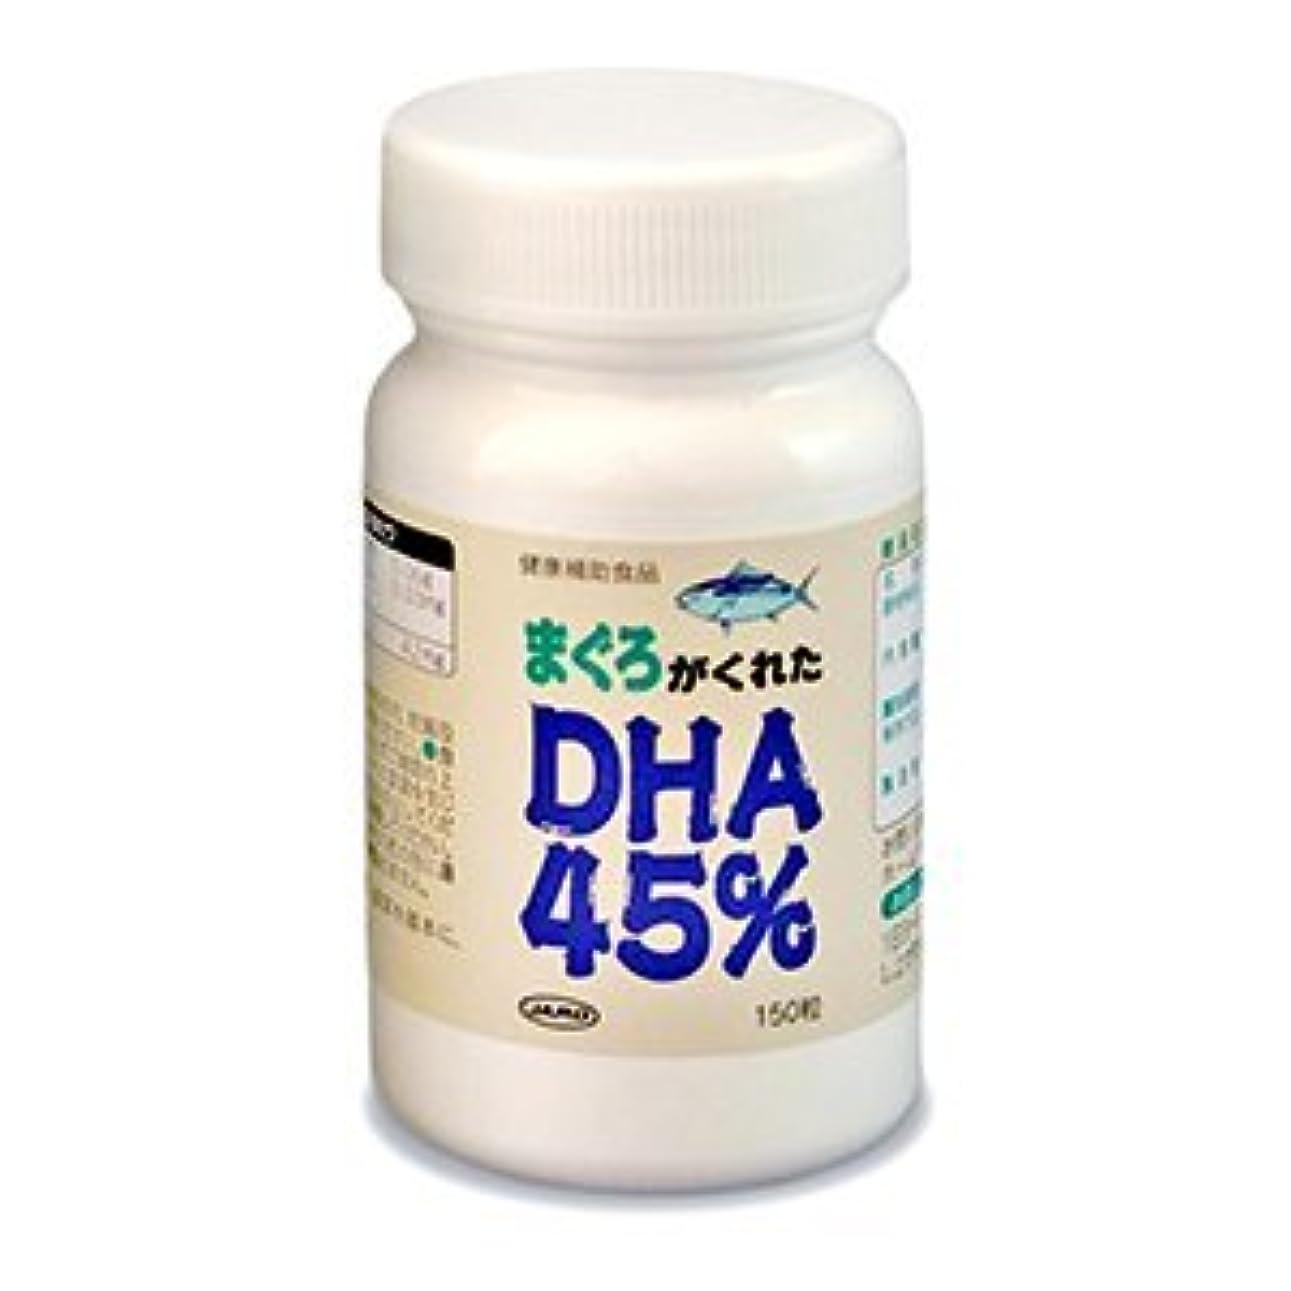 バンカーボール二十まぐろがくれたDHA45% 150粒(約1ヶ月分)